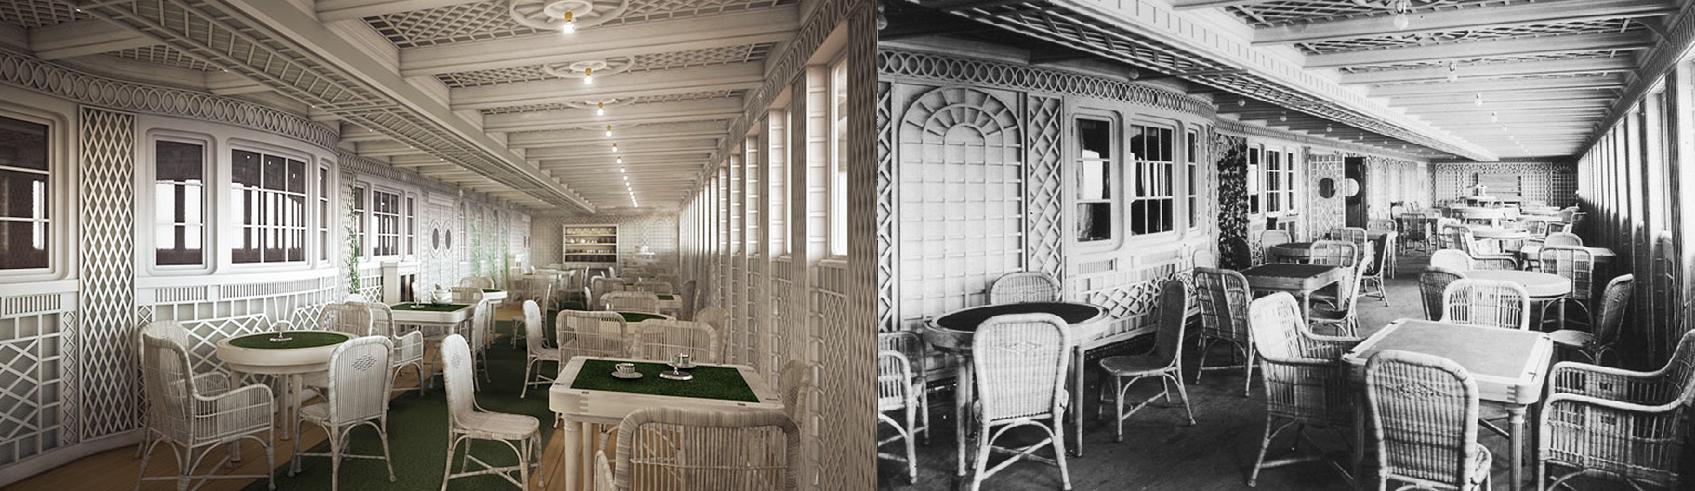 O Café Parisien, também reservado aos membros da primeira classe (FOTO: DIVULGAÇÃO)